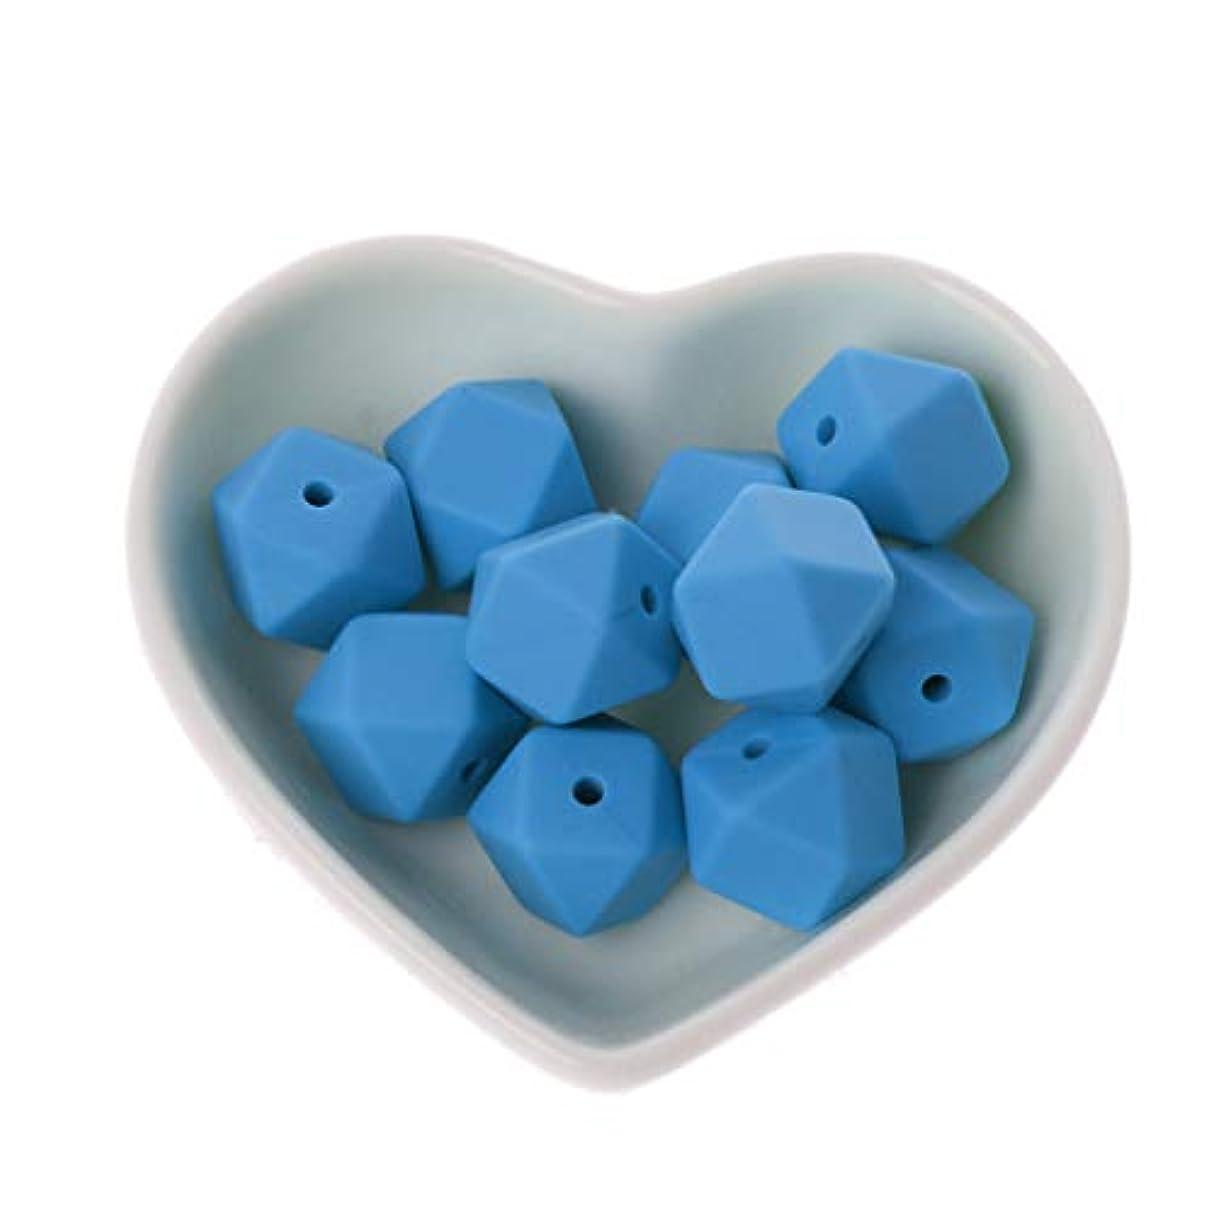 優しさおケープLanddum 10個シリコーンビーズ14ミリメートル多角形シリコーンビーズ赤ちゃんのおもちゃdiyおしゃぶりチェーンアクセサリー - ベイビーブルー